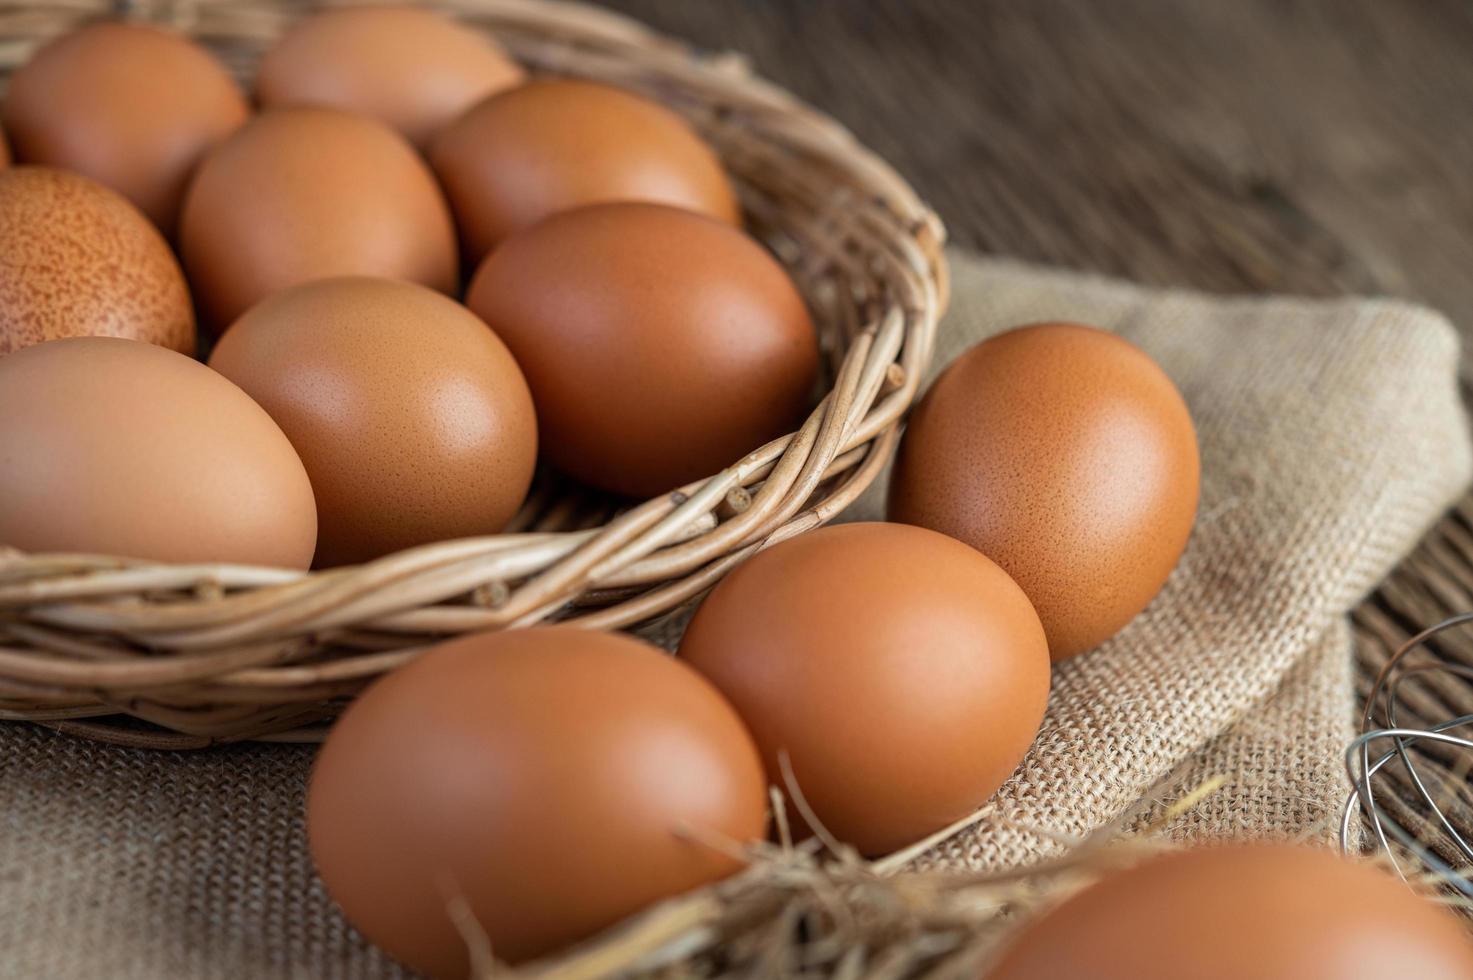 uova crude su canapa e paglia foto